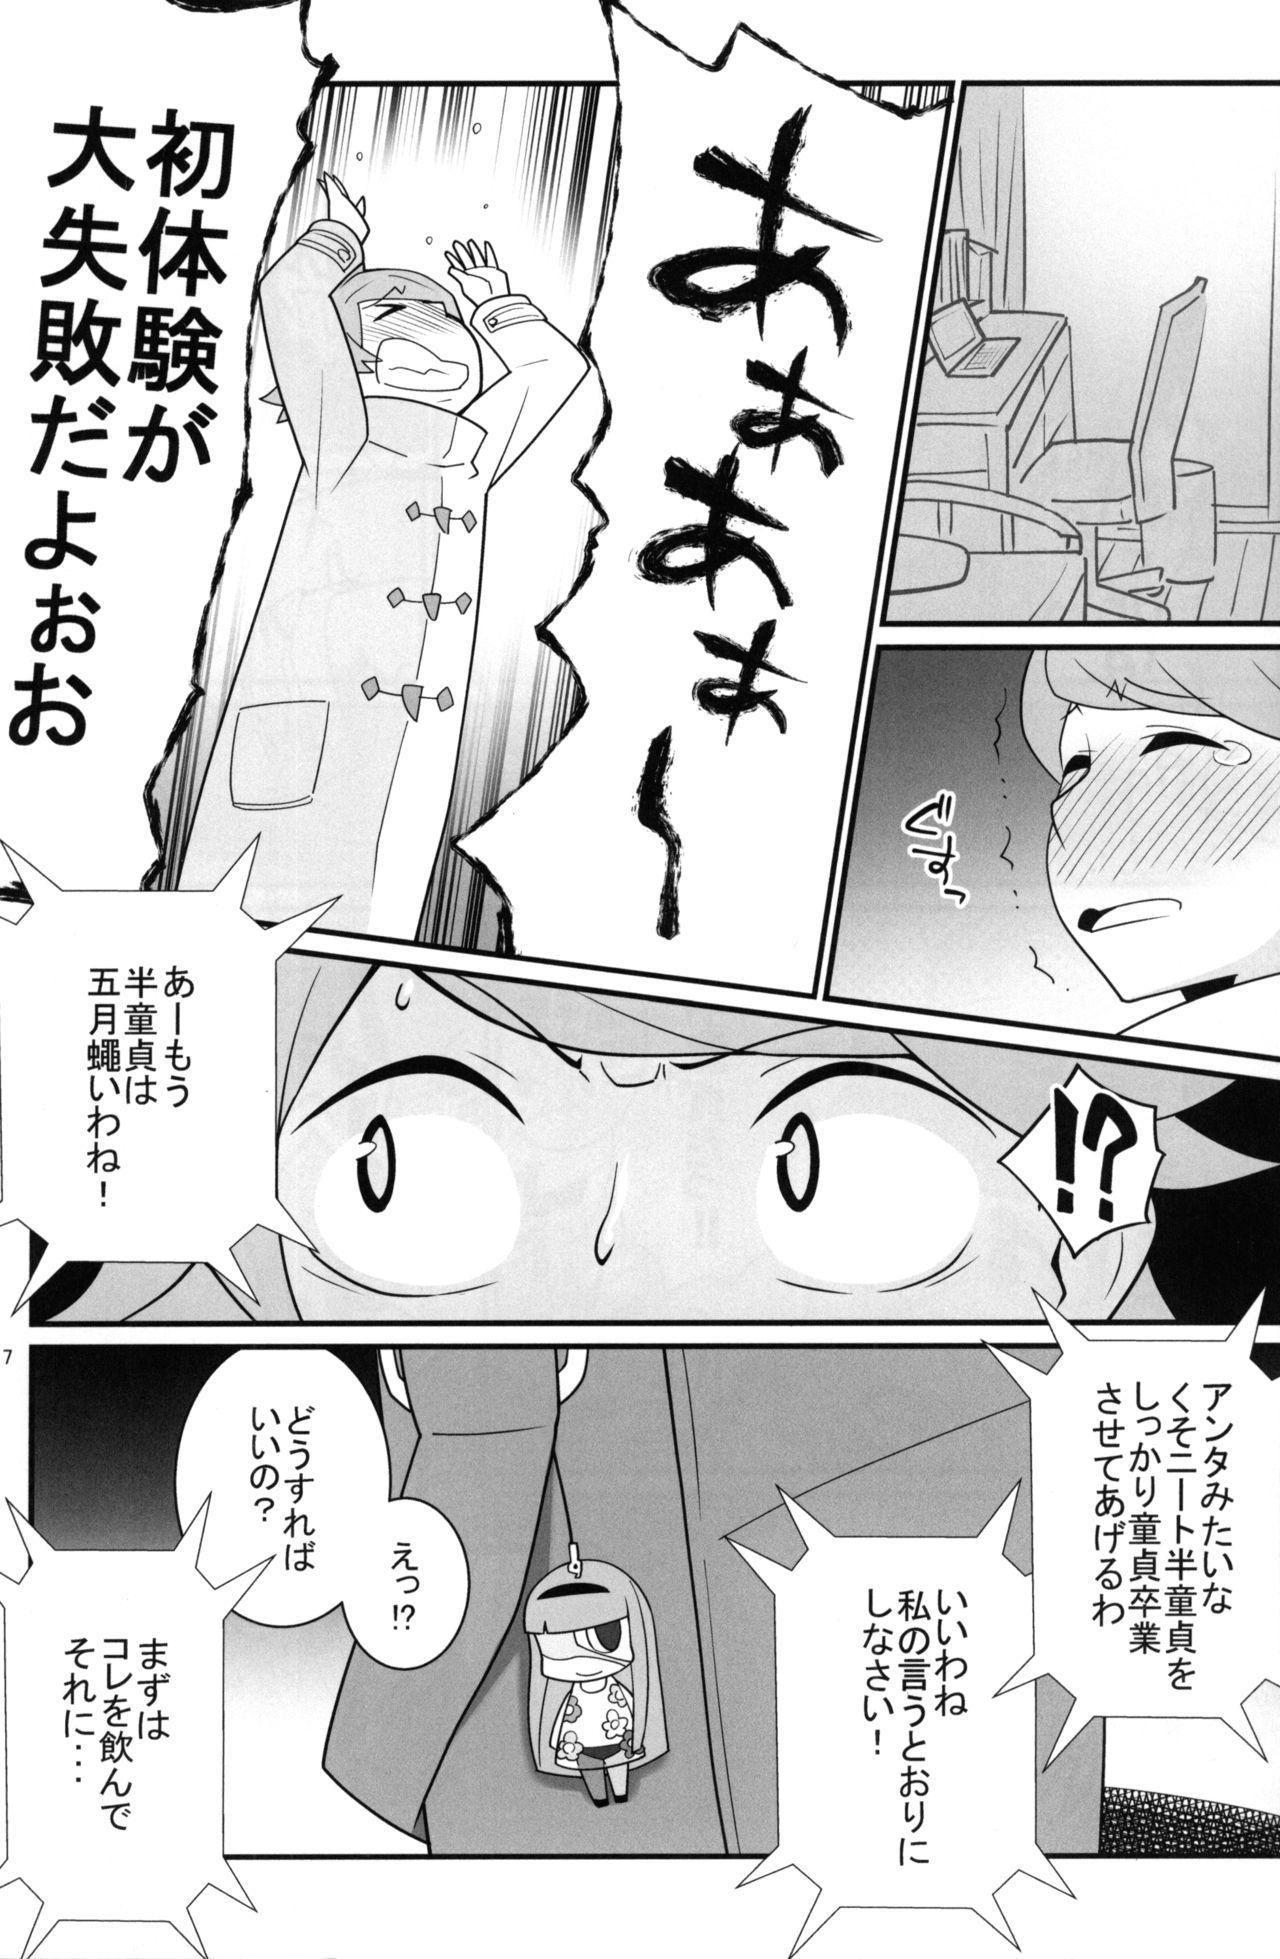 Tonikaku Mune ga Ookina Onnanoko to Tonikaku Shasei ga Hayai Doutei no Toshikoshi SEX Zanmai 5